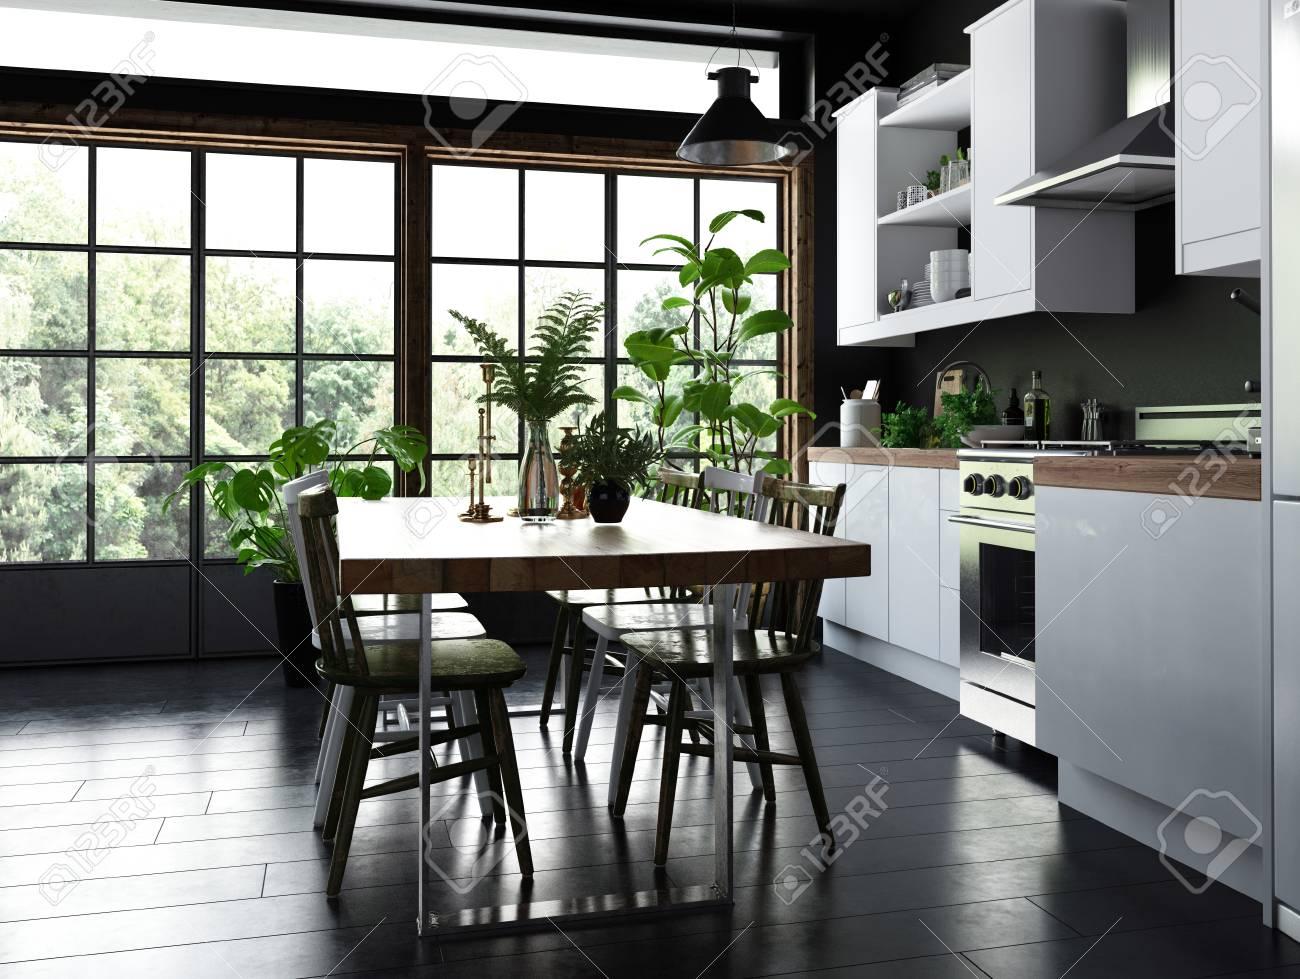 Esstisch Und Stühle In Einer Offenen Küche Mit Einbauschränken Und ...